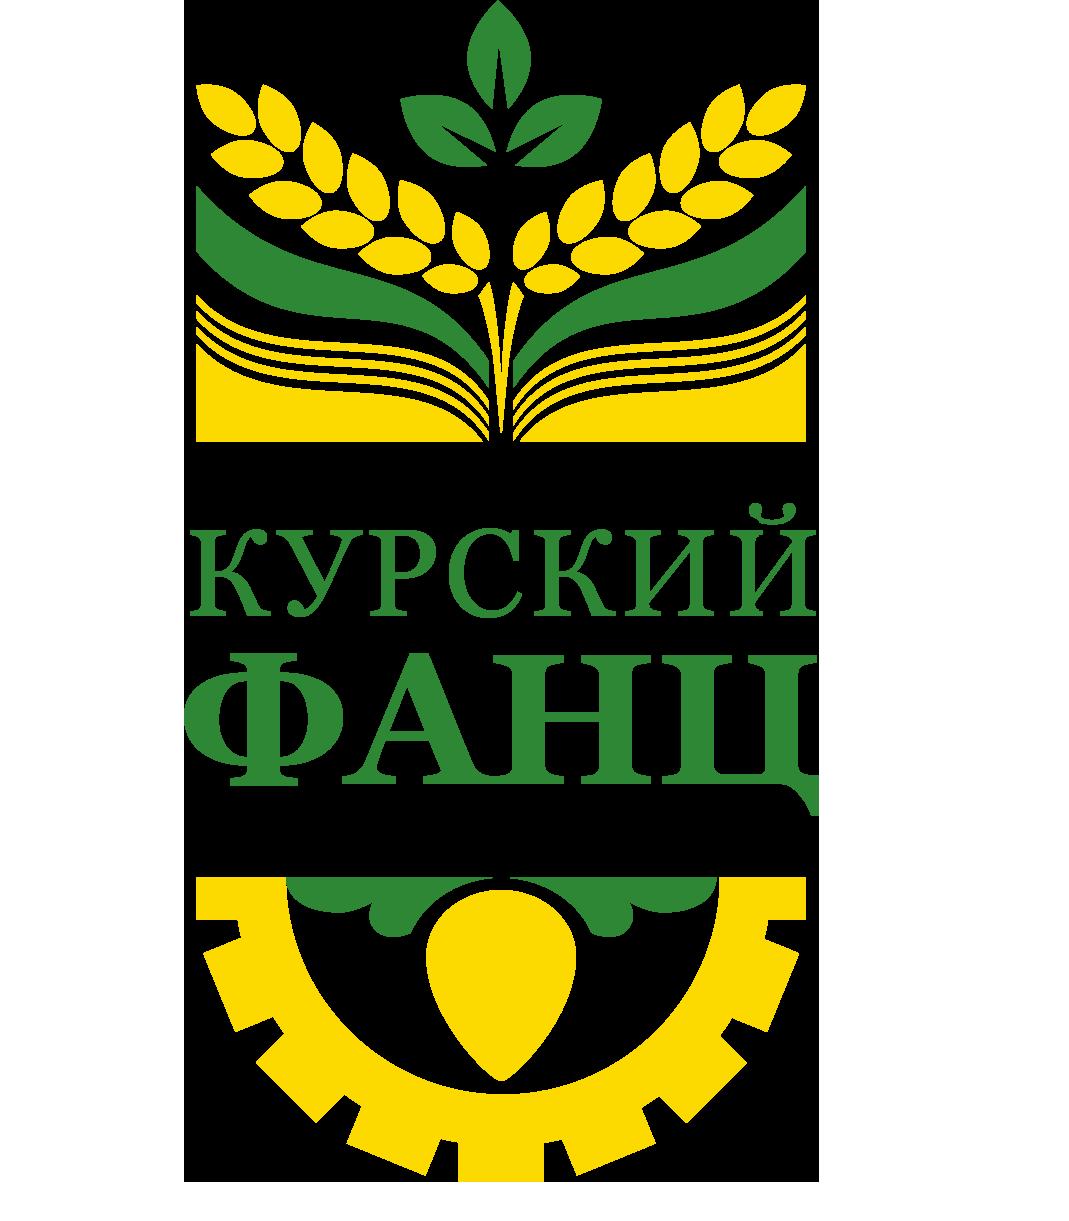 Kurskiy-FANTs-tsvet [преобразованный]